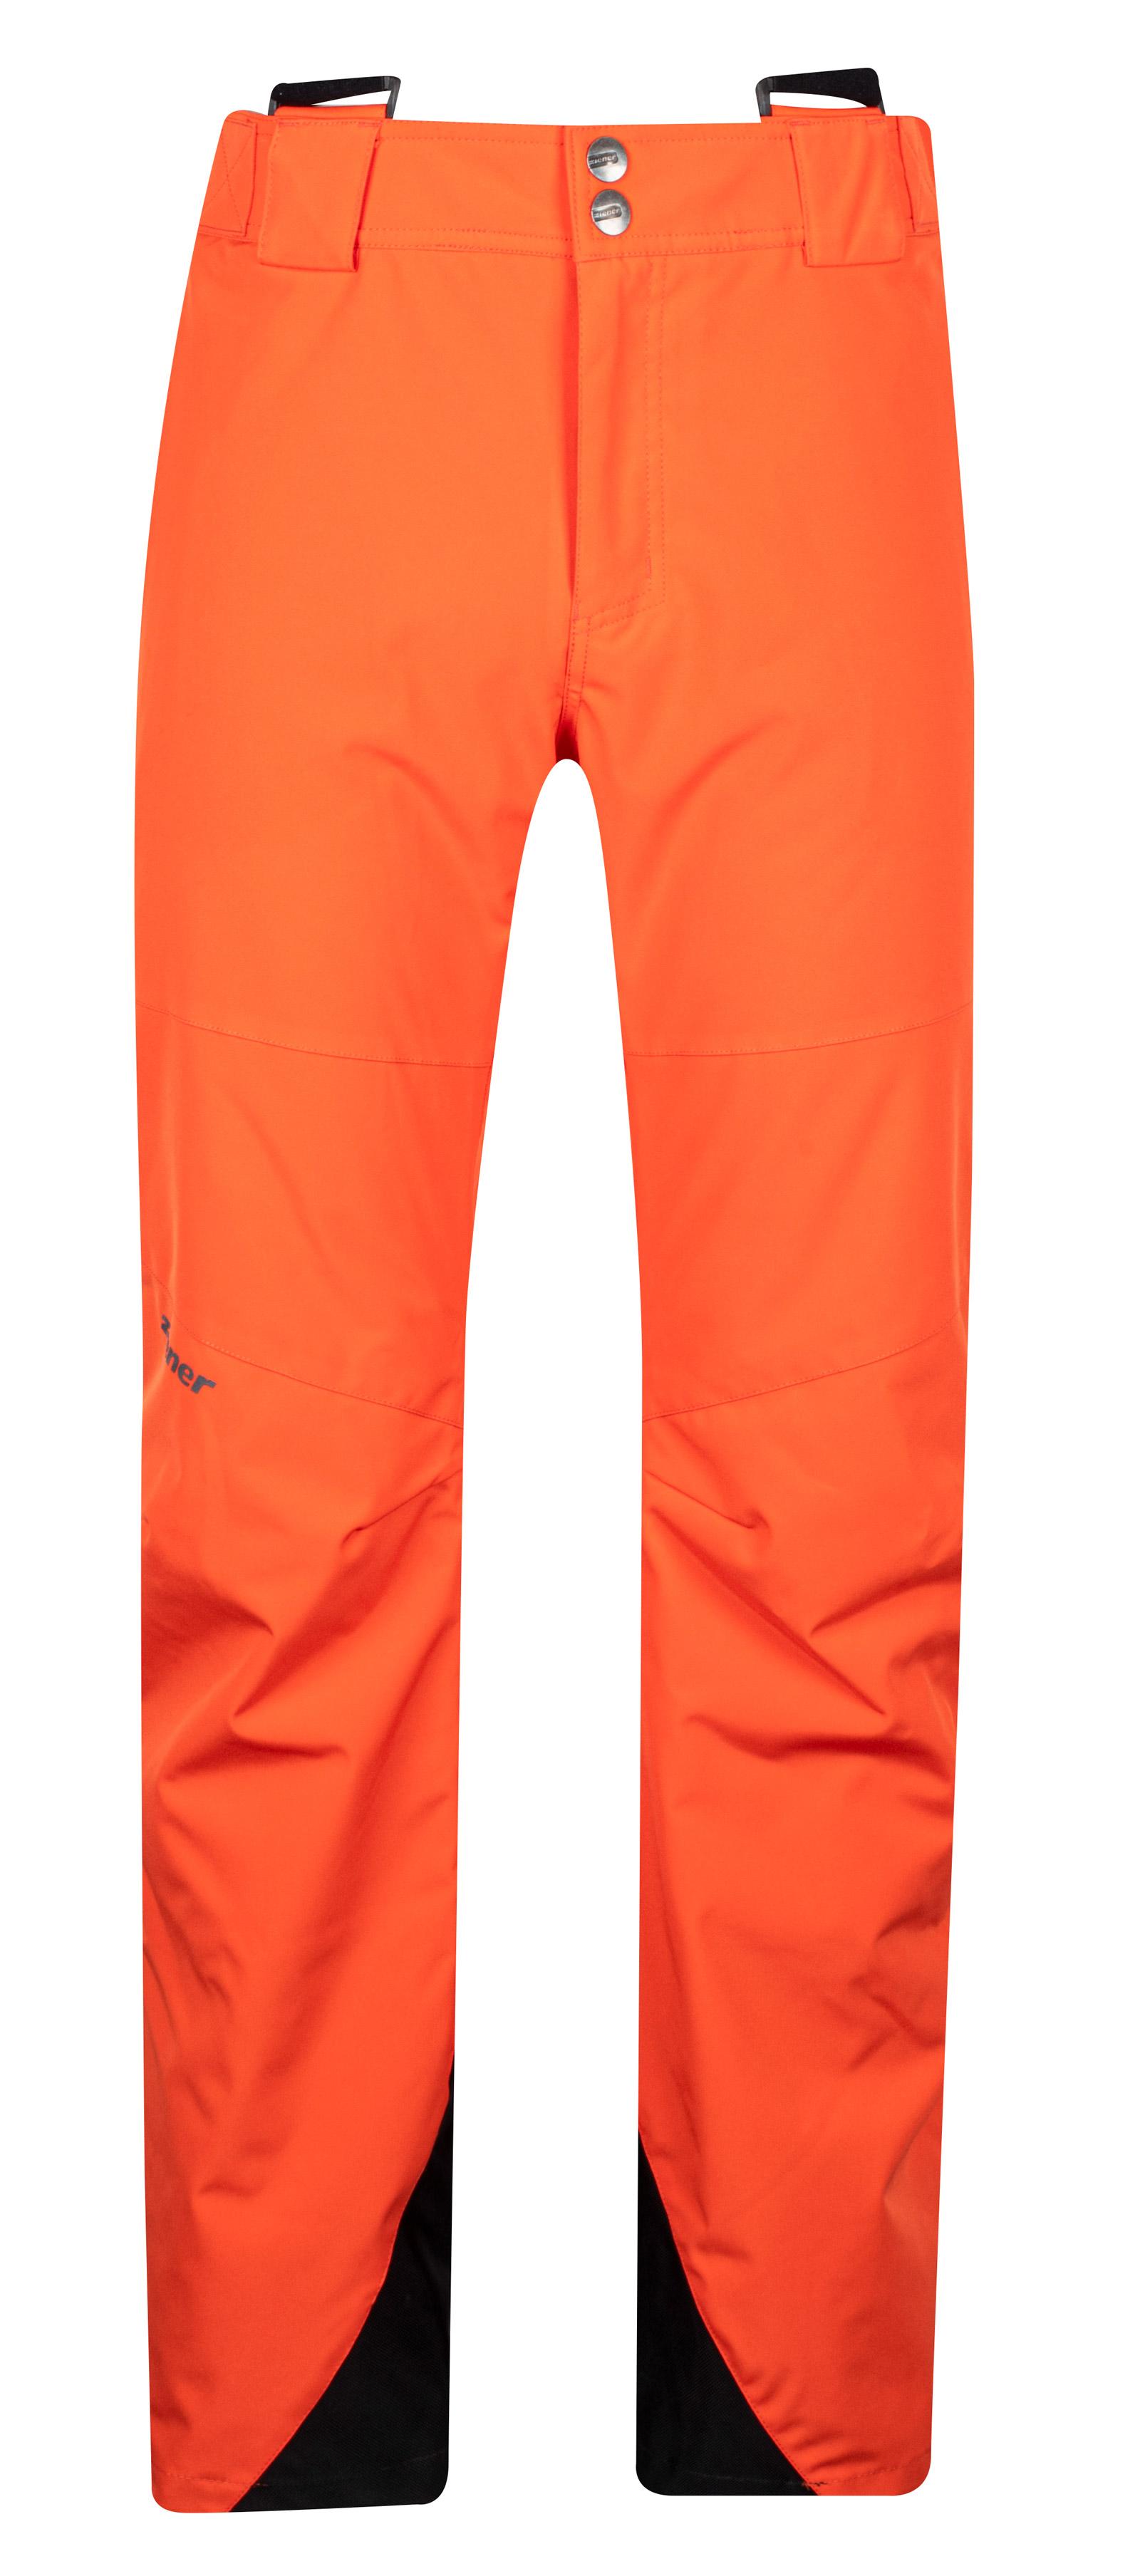 Suchergebnis auf für: skihose salomon: Bekleidung